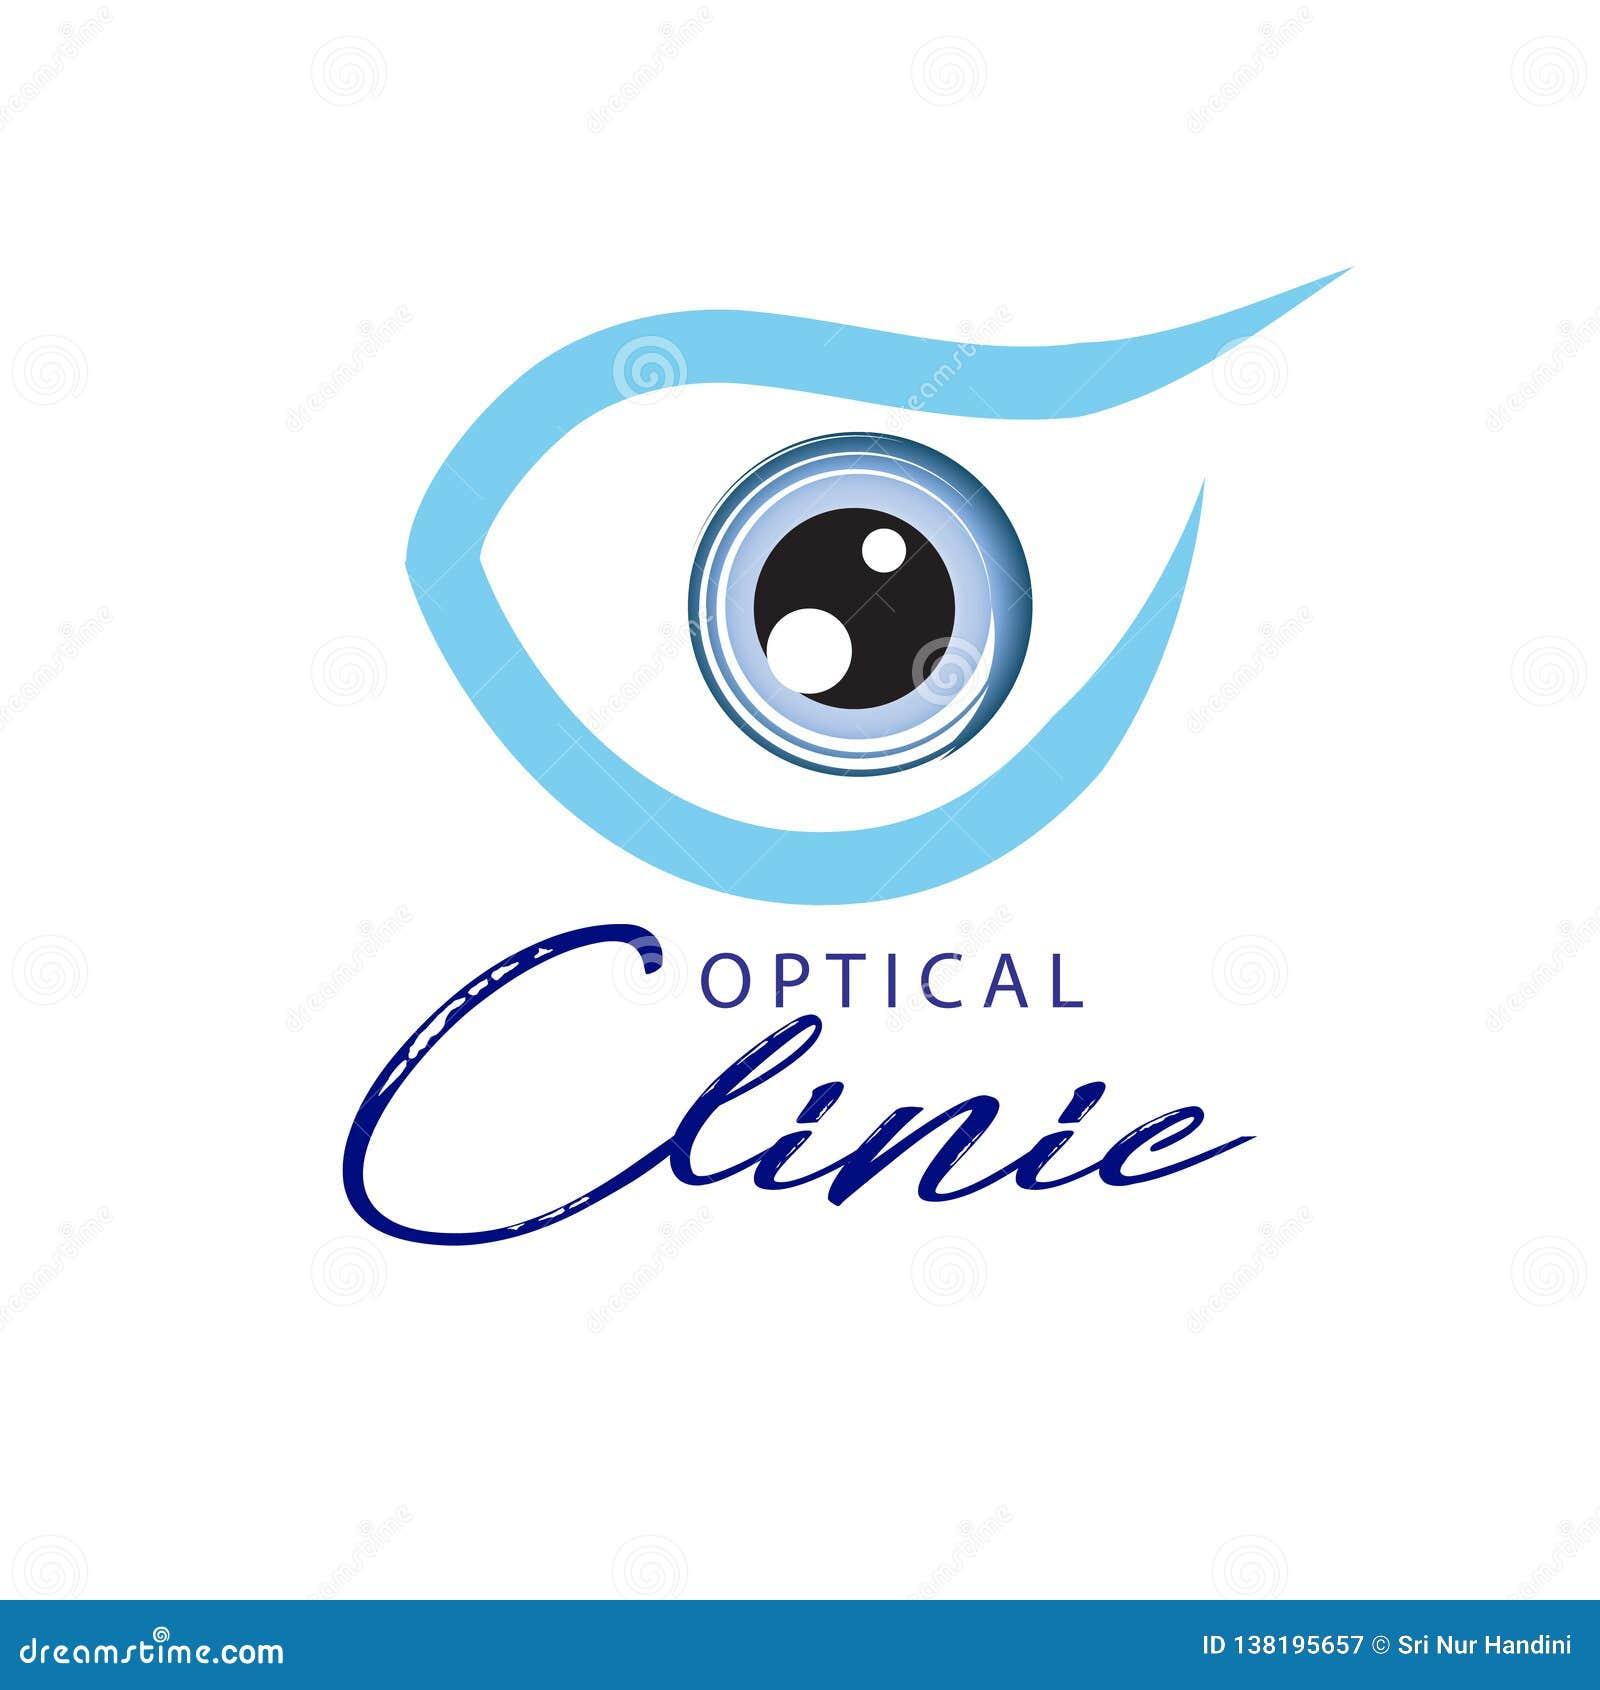 Клиника логотипа оптически Идея для офтальмической клиники или клиники глаза